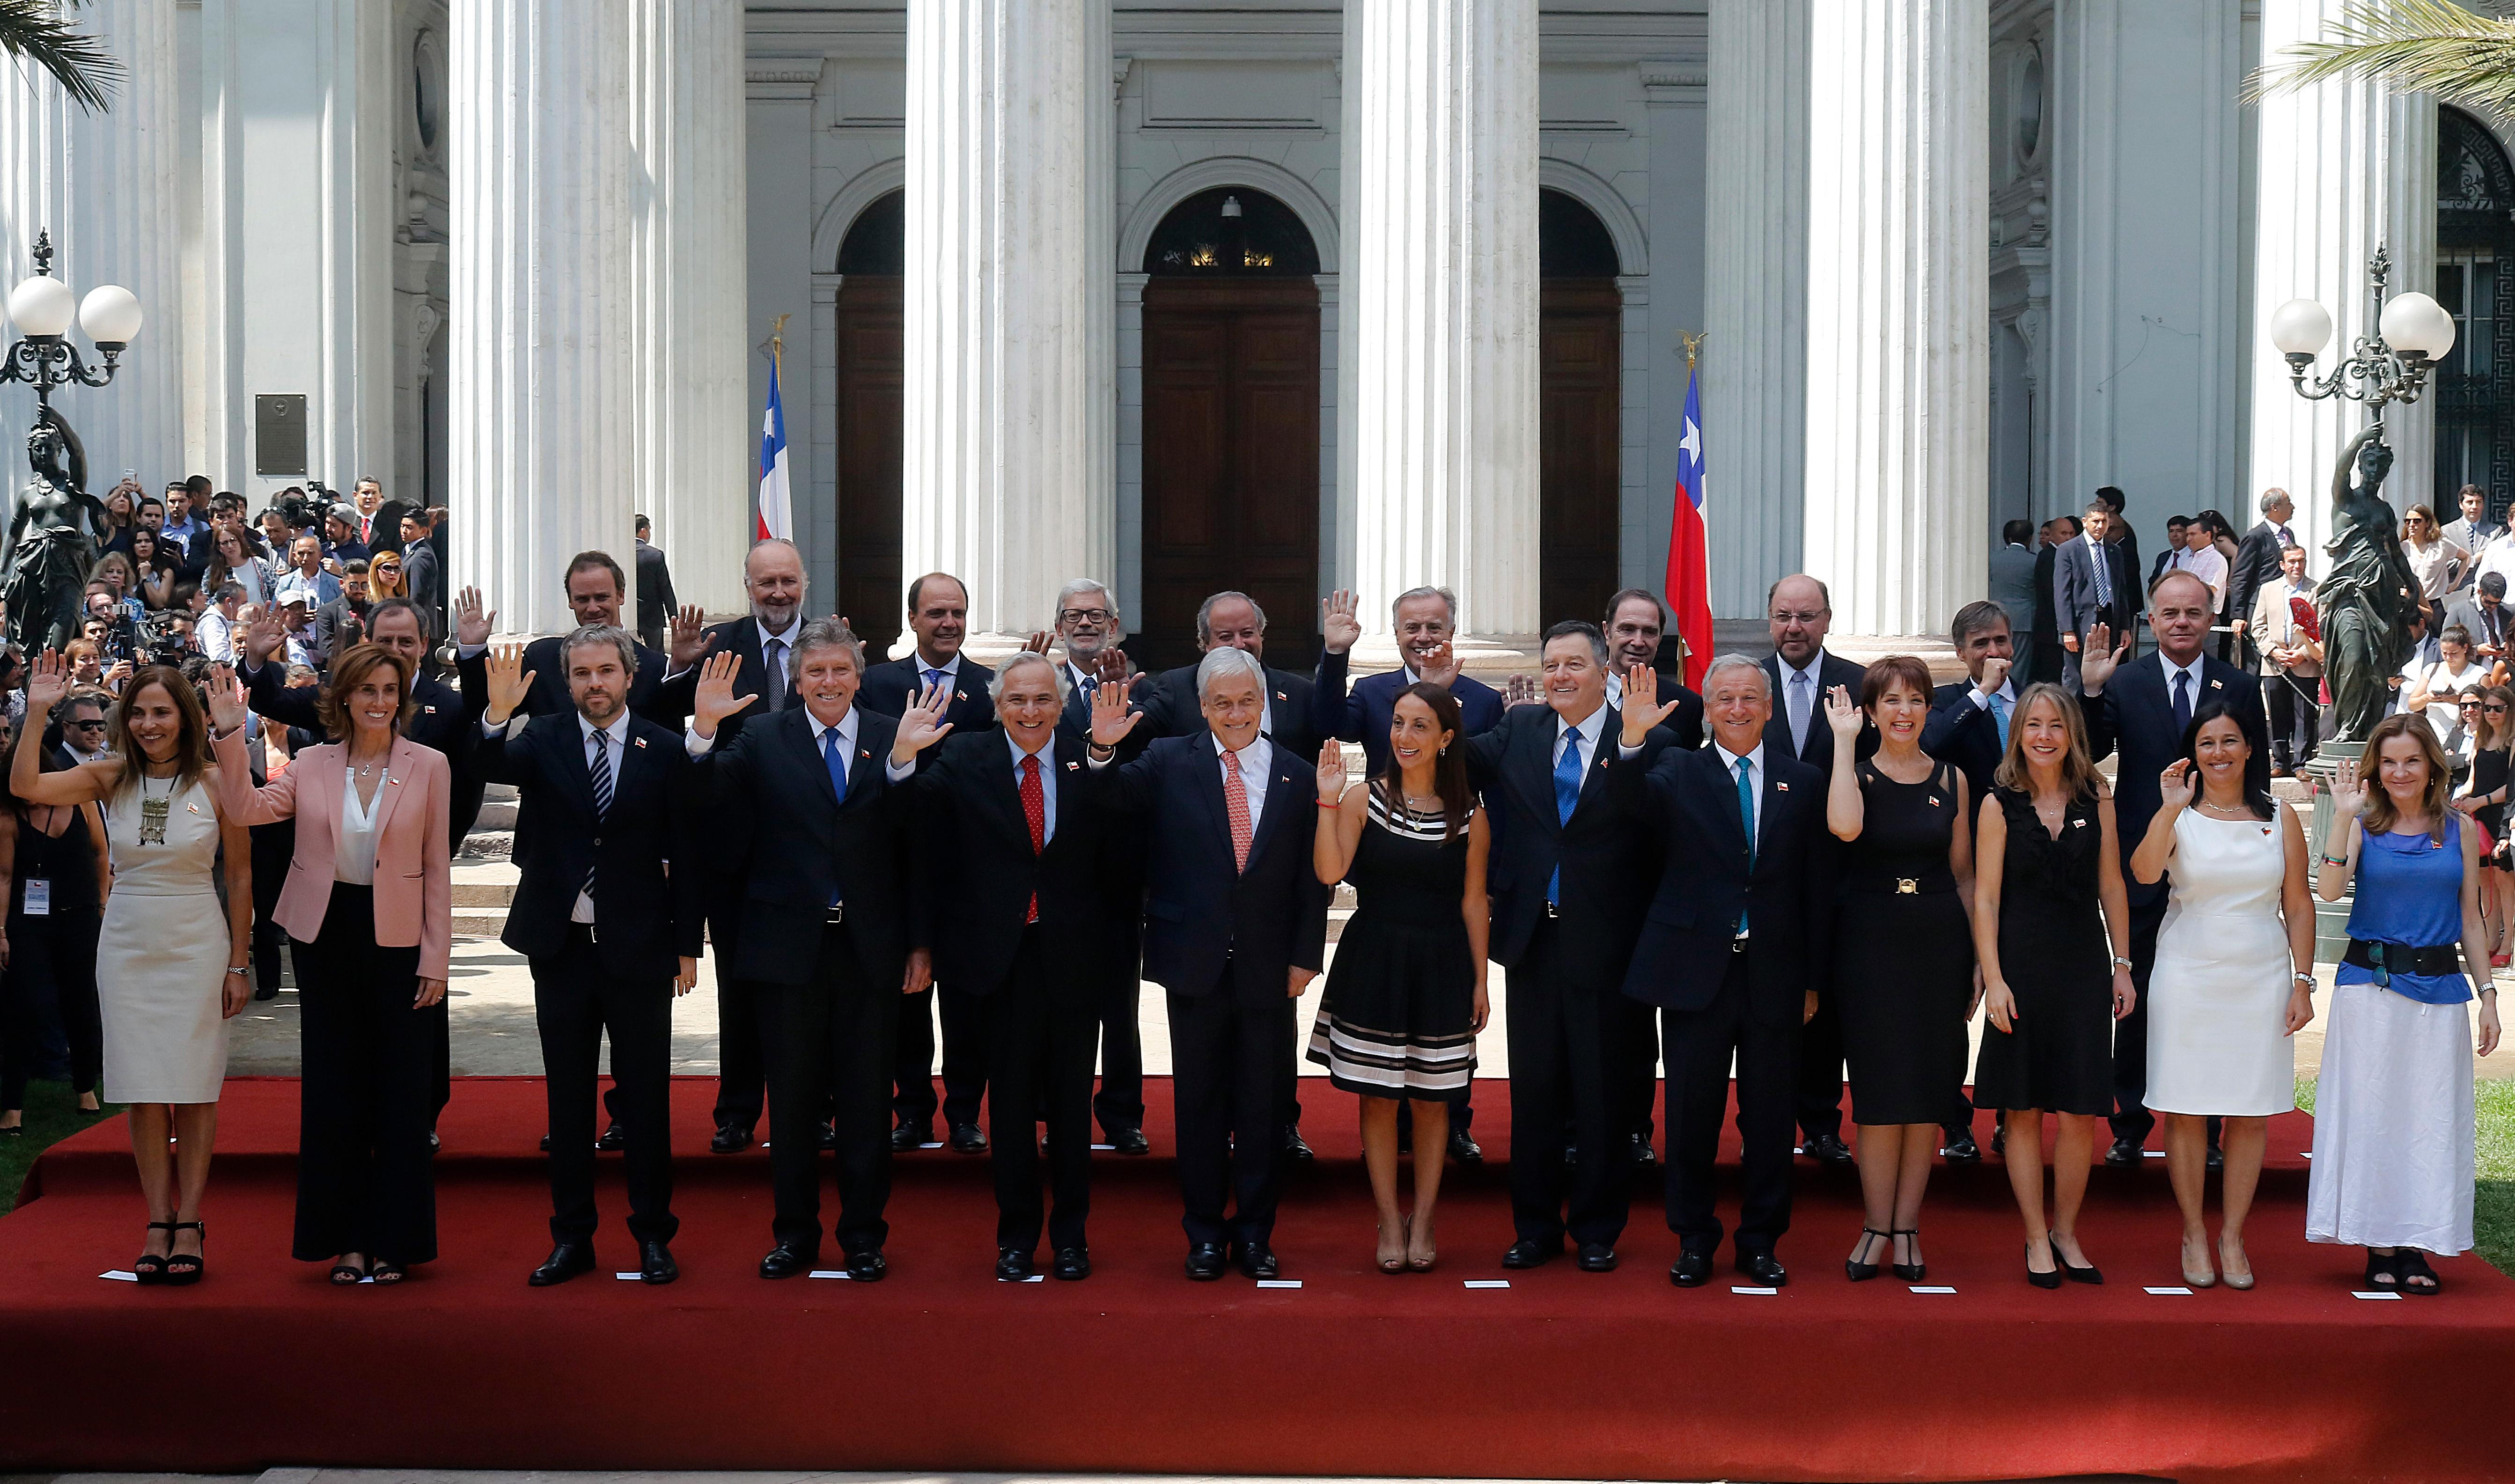 Inversiones en el extranjero y numerosas propiedades: lo que revelan las declaraciones de interés y patrimonio de los ministros